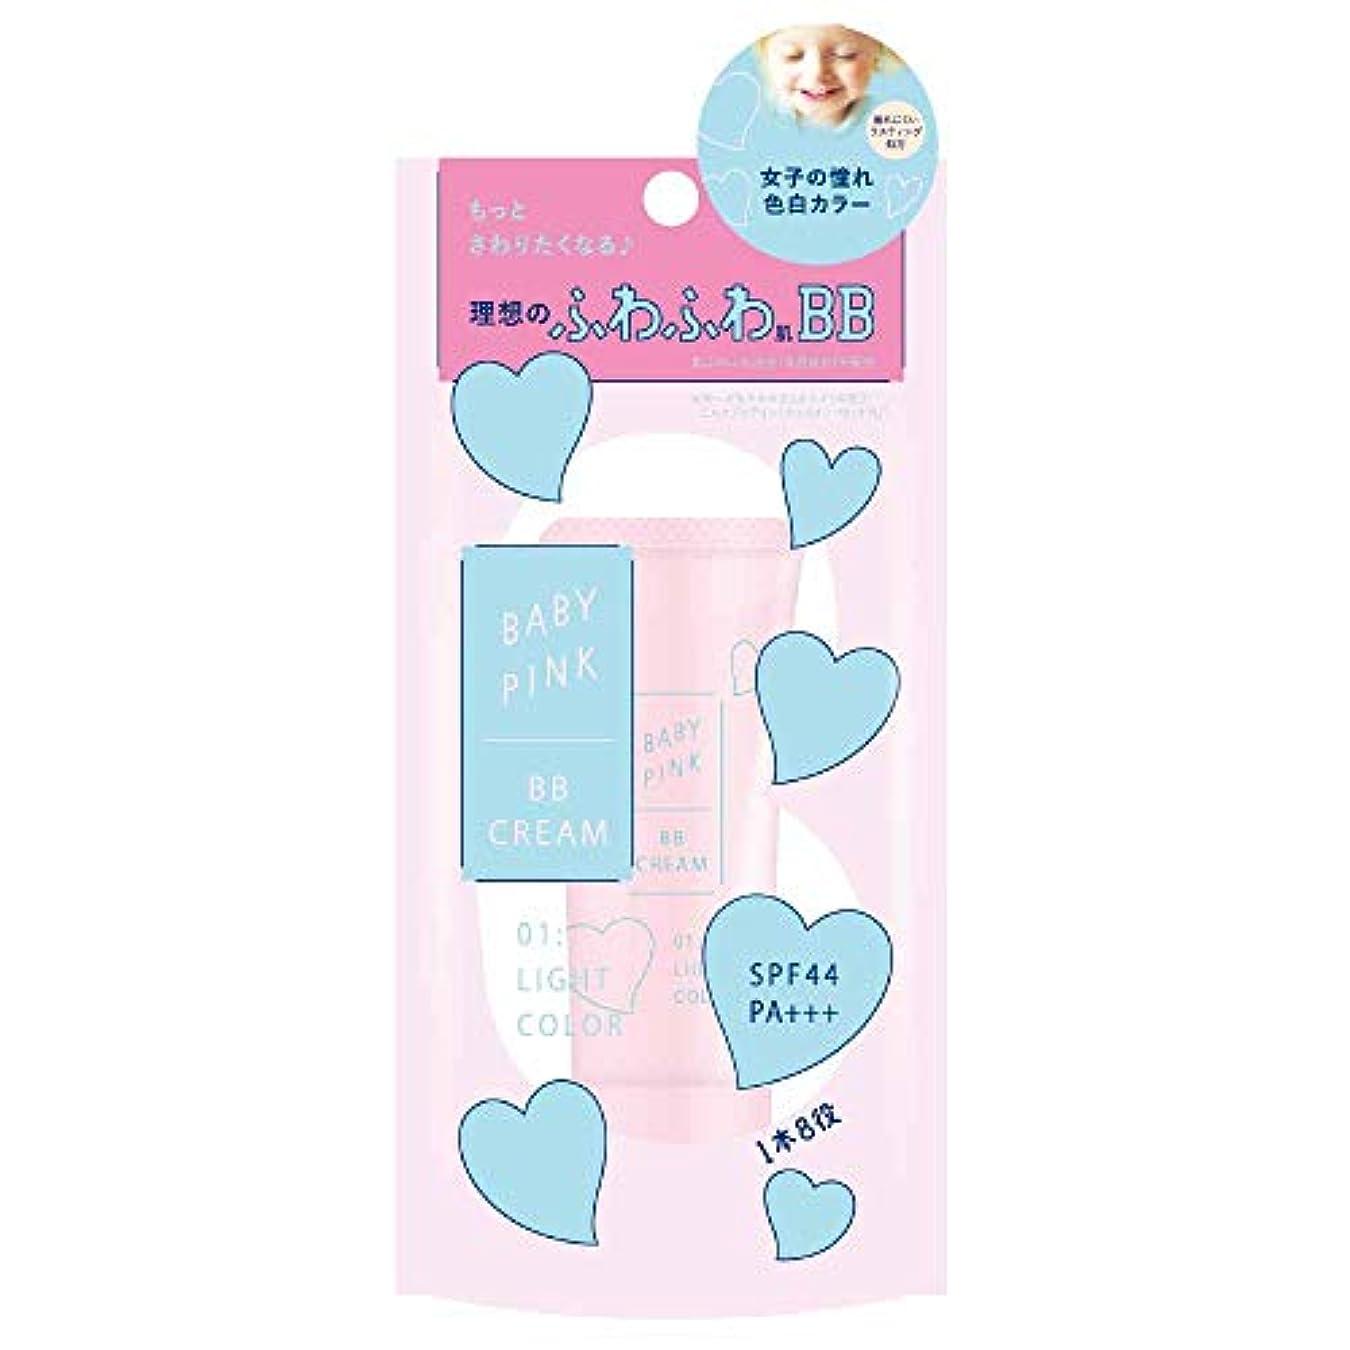 合併乳剤つらいベビーピンク BBクリーム 01:ライトカラー 22g